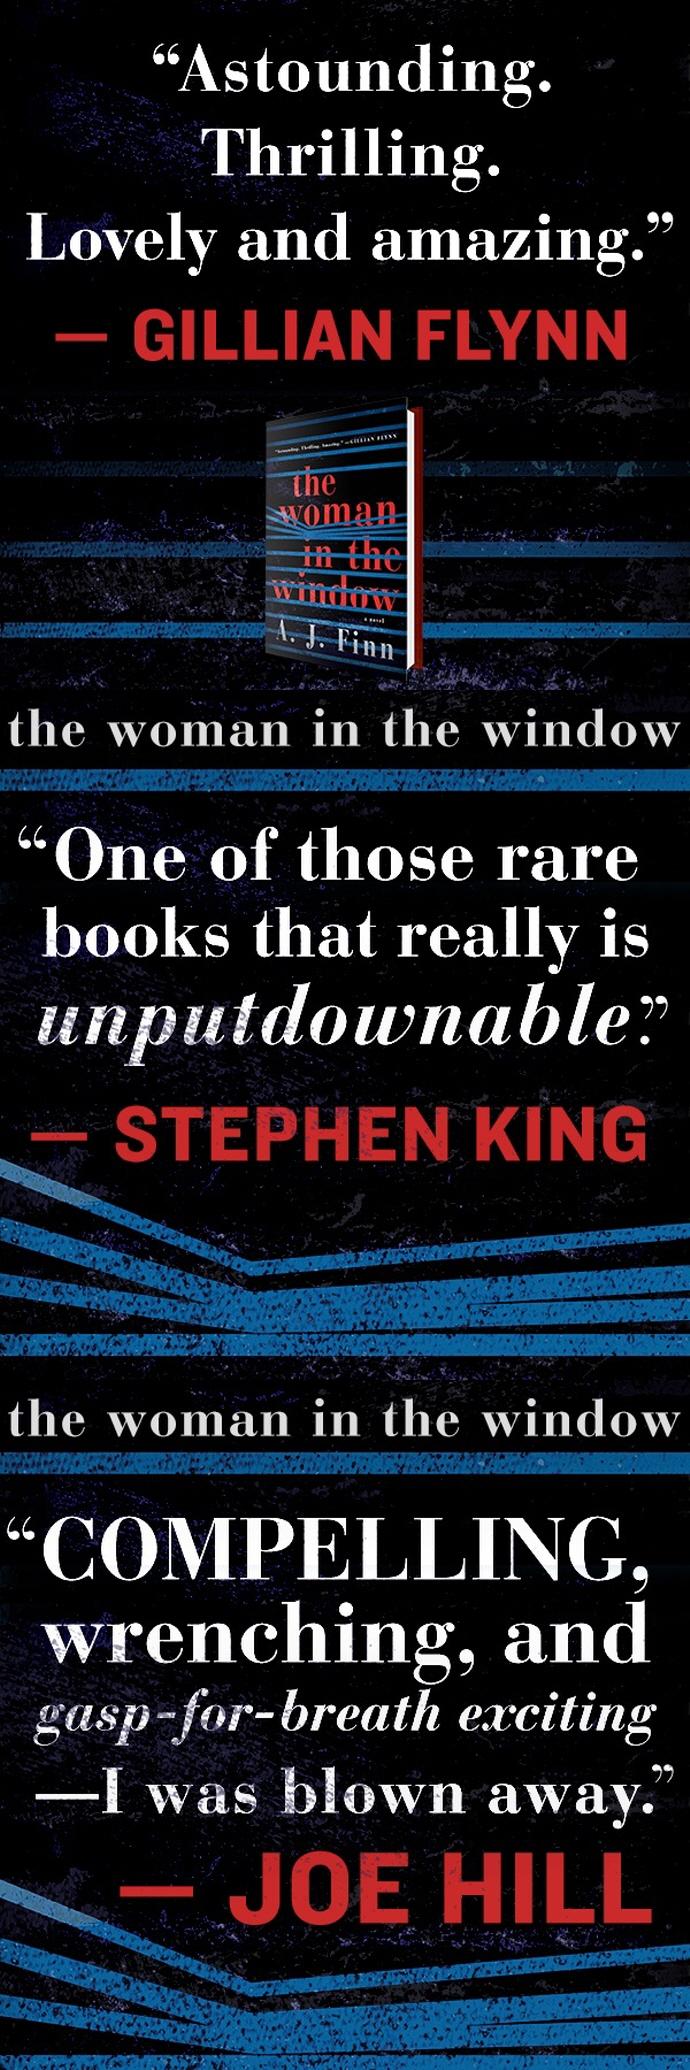 The Woman in the Window[Paperback] 도서 상세이미지